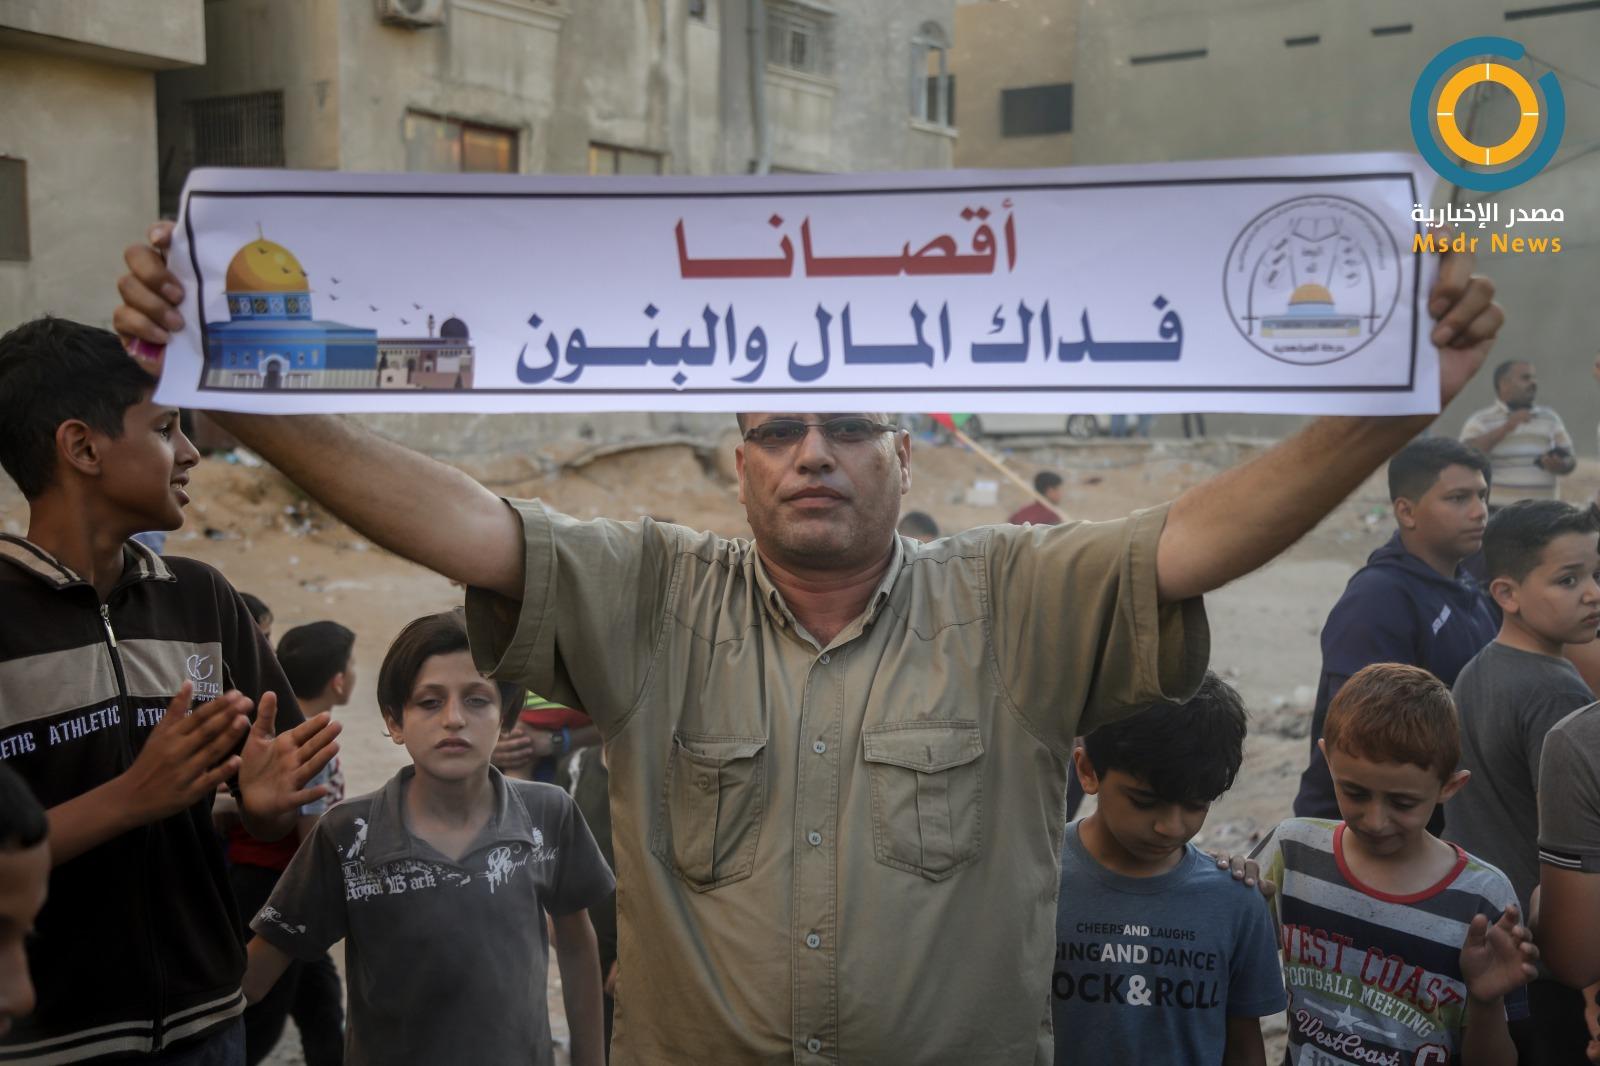 مسيرات حاشدة في غزة نصرة للقدس ورفضاً لمسيرة الأعلام (صور)